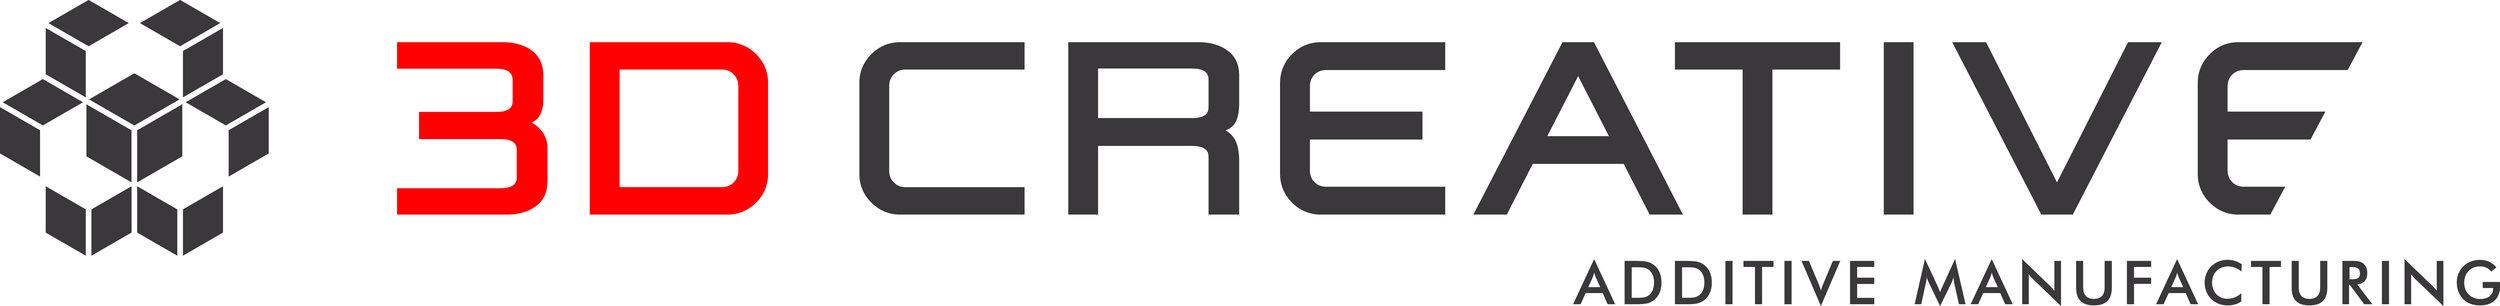 3D creative logo.jpg